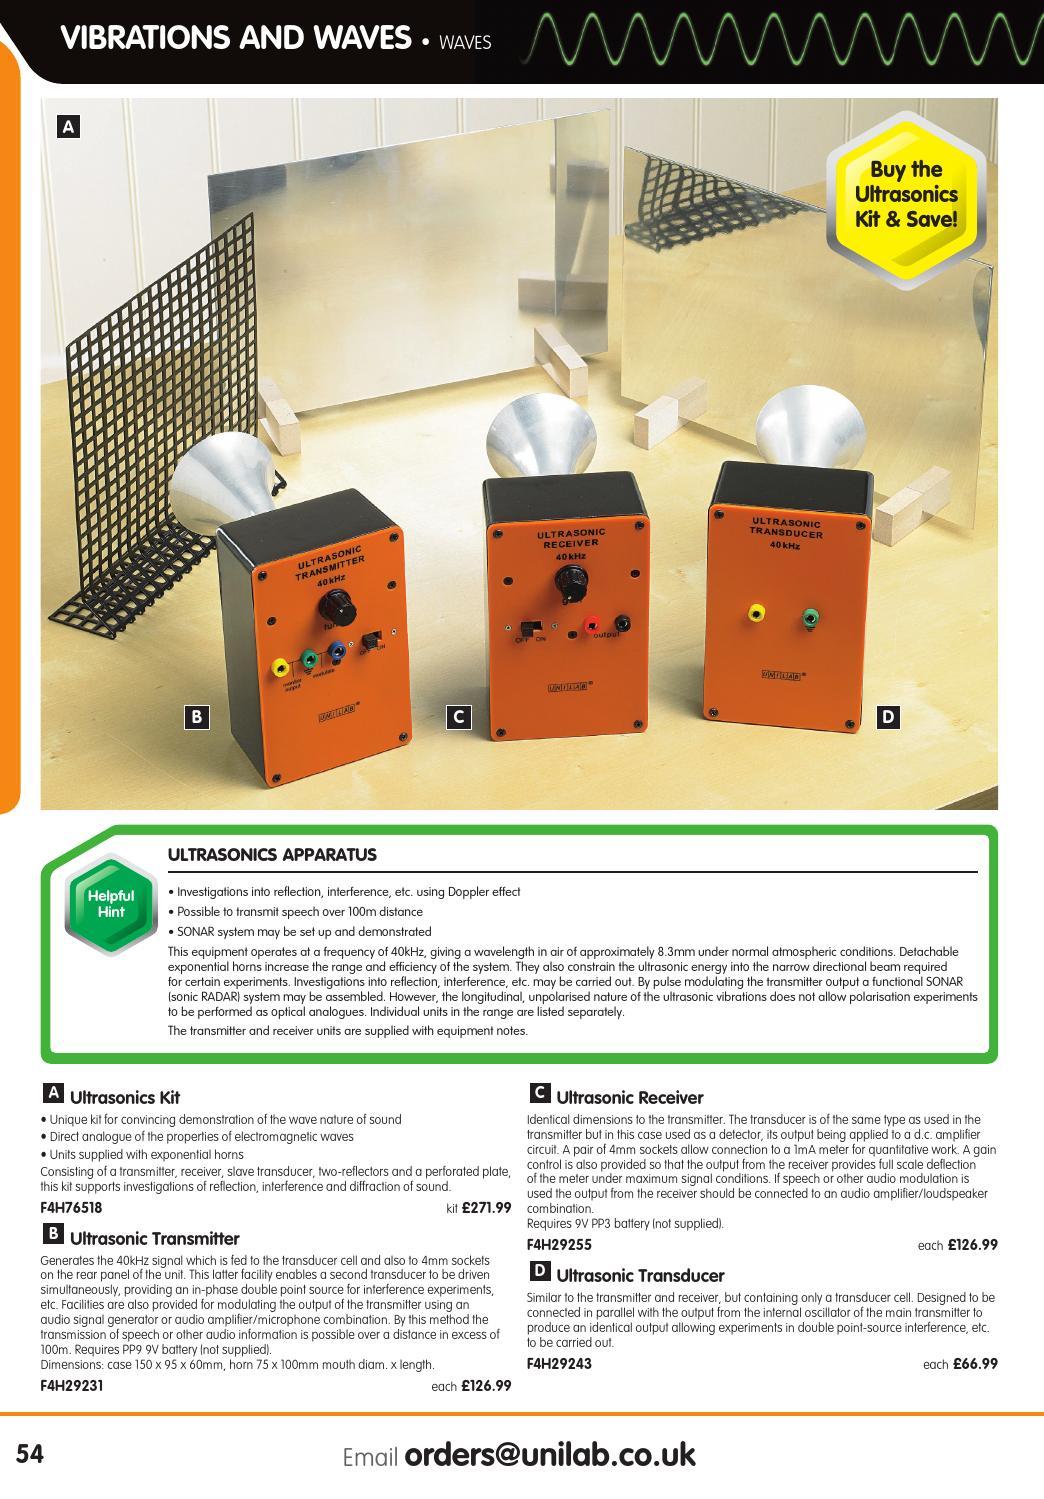 Unilab Catalogue 2016/17 by Findel Ltd - issuu